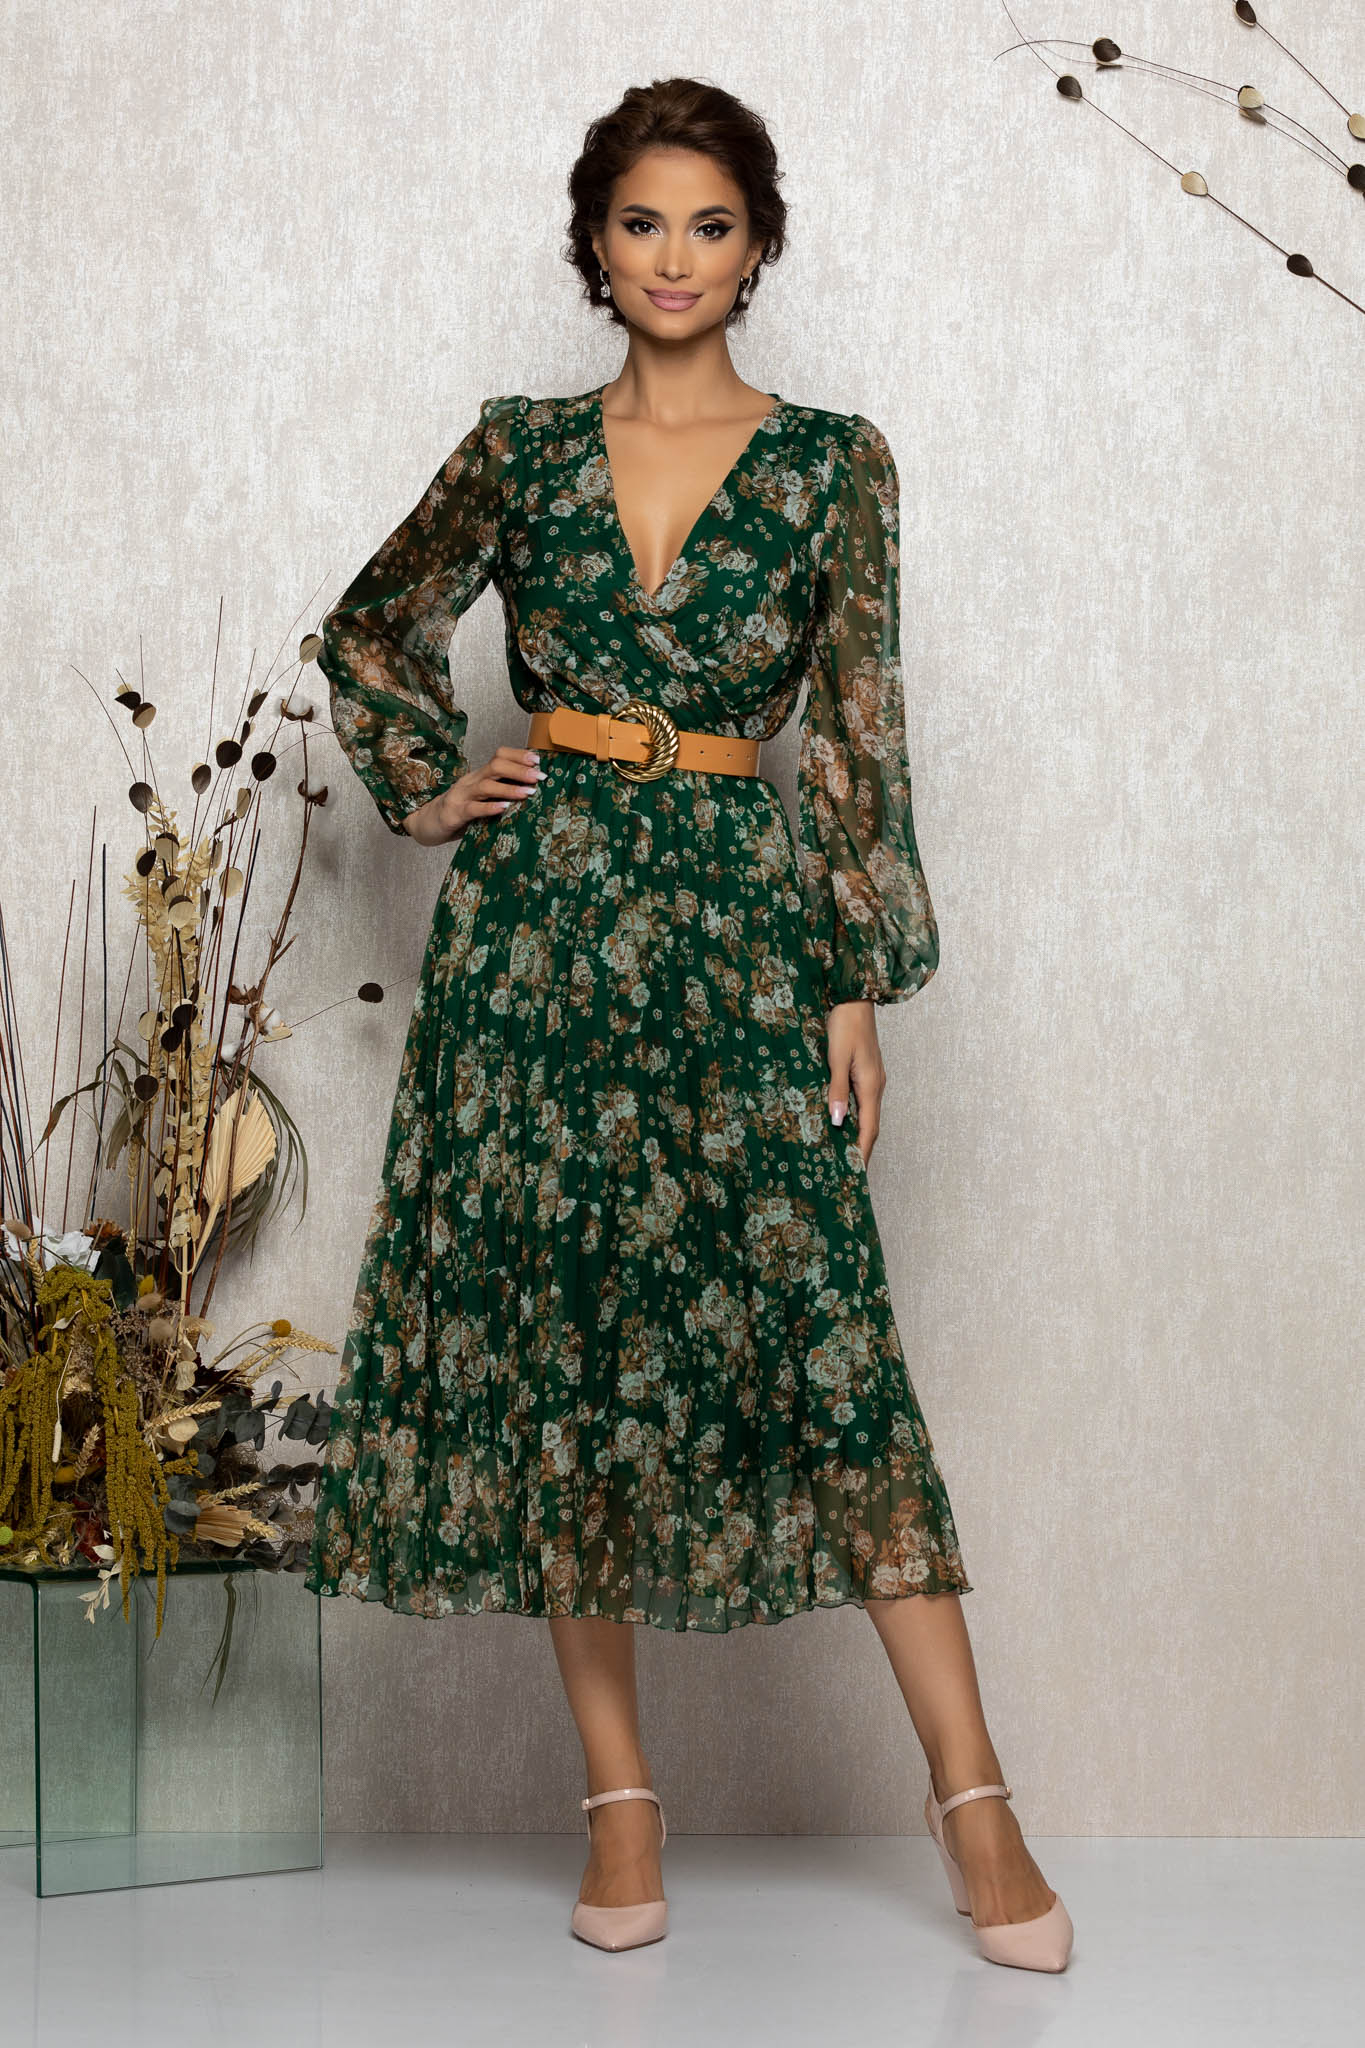 Rochie Ingrid Verde Multi Floral